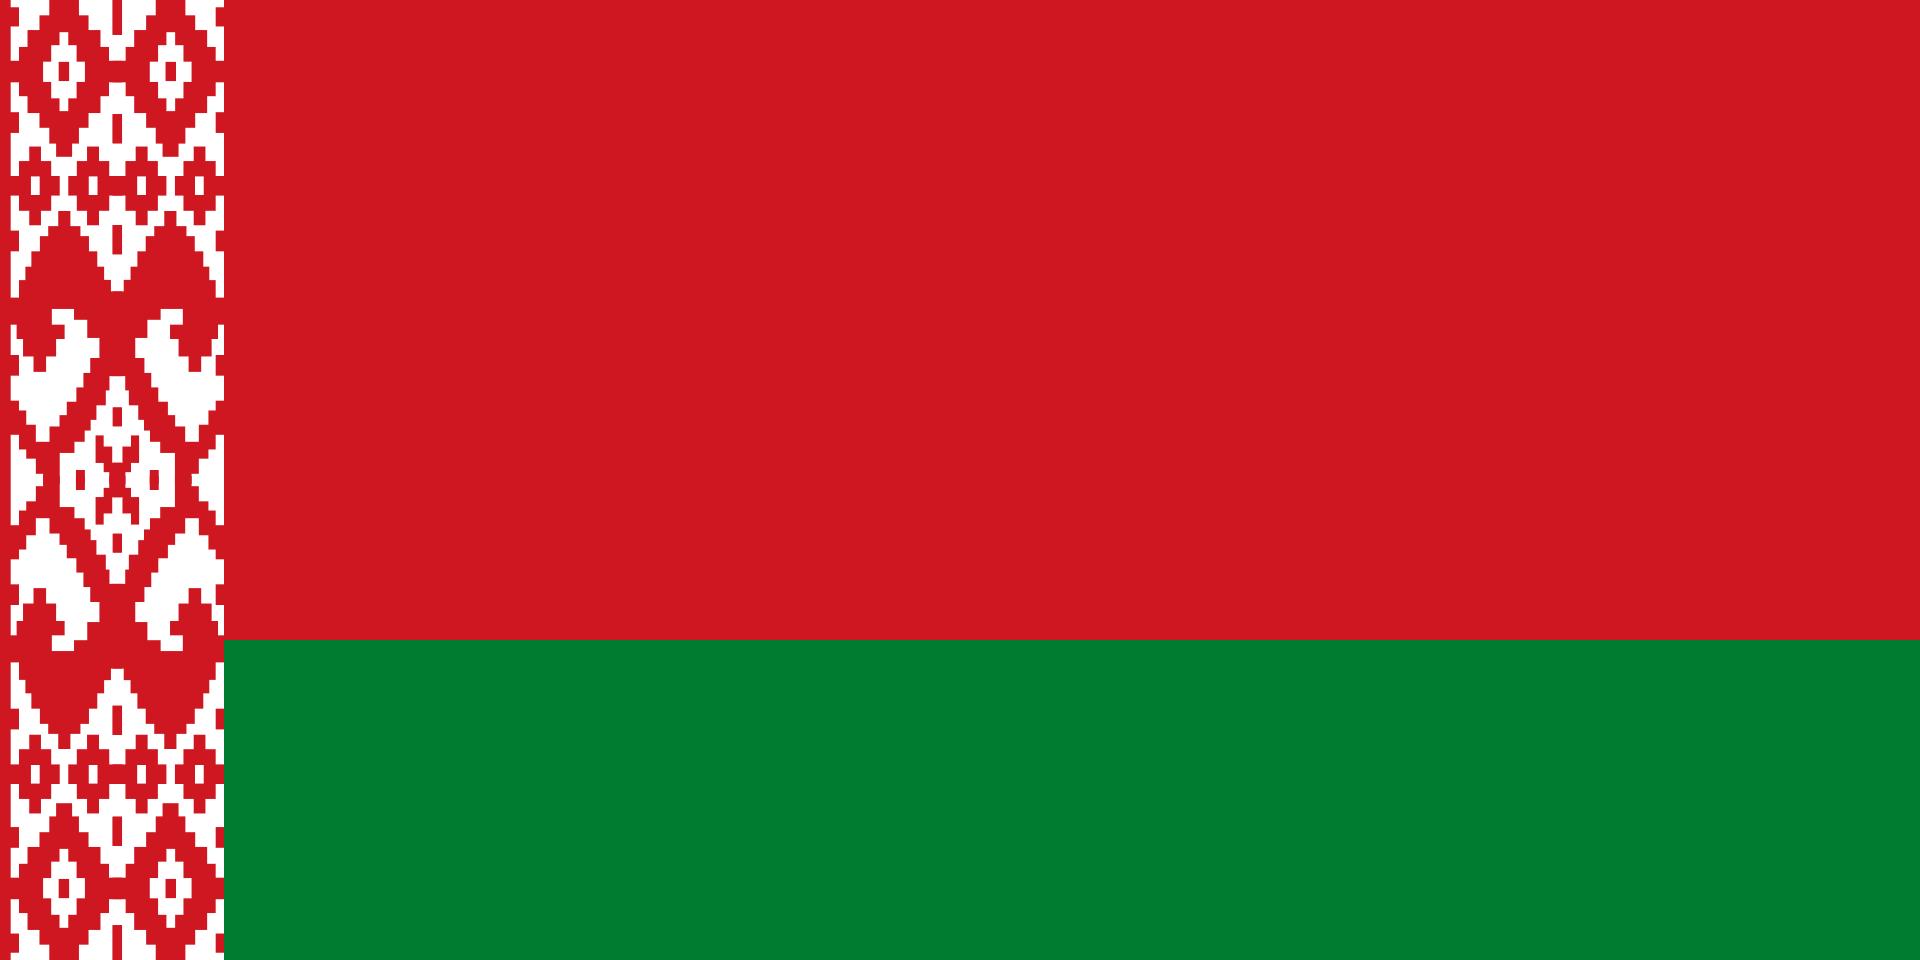 Bialorus Flaga - Liczba skoczni w grze Deluxe Ski Jump 4 rośnie [AKTUALNA LISTA]